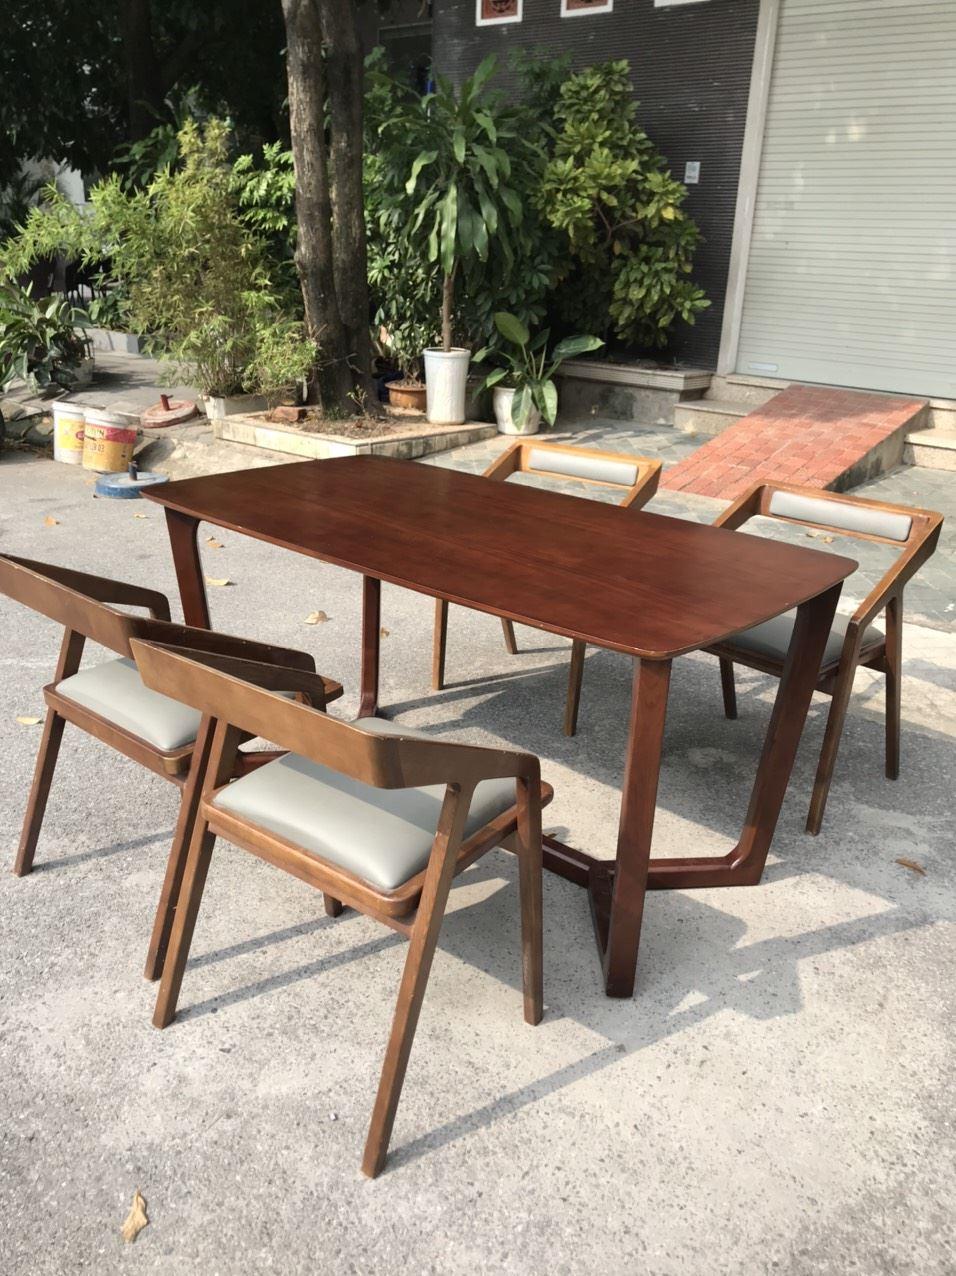 Bộ bàn ghế gỗ sồi mặt ghế bọc da loại 2